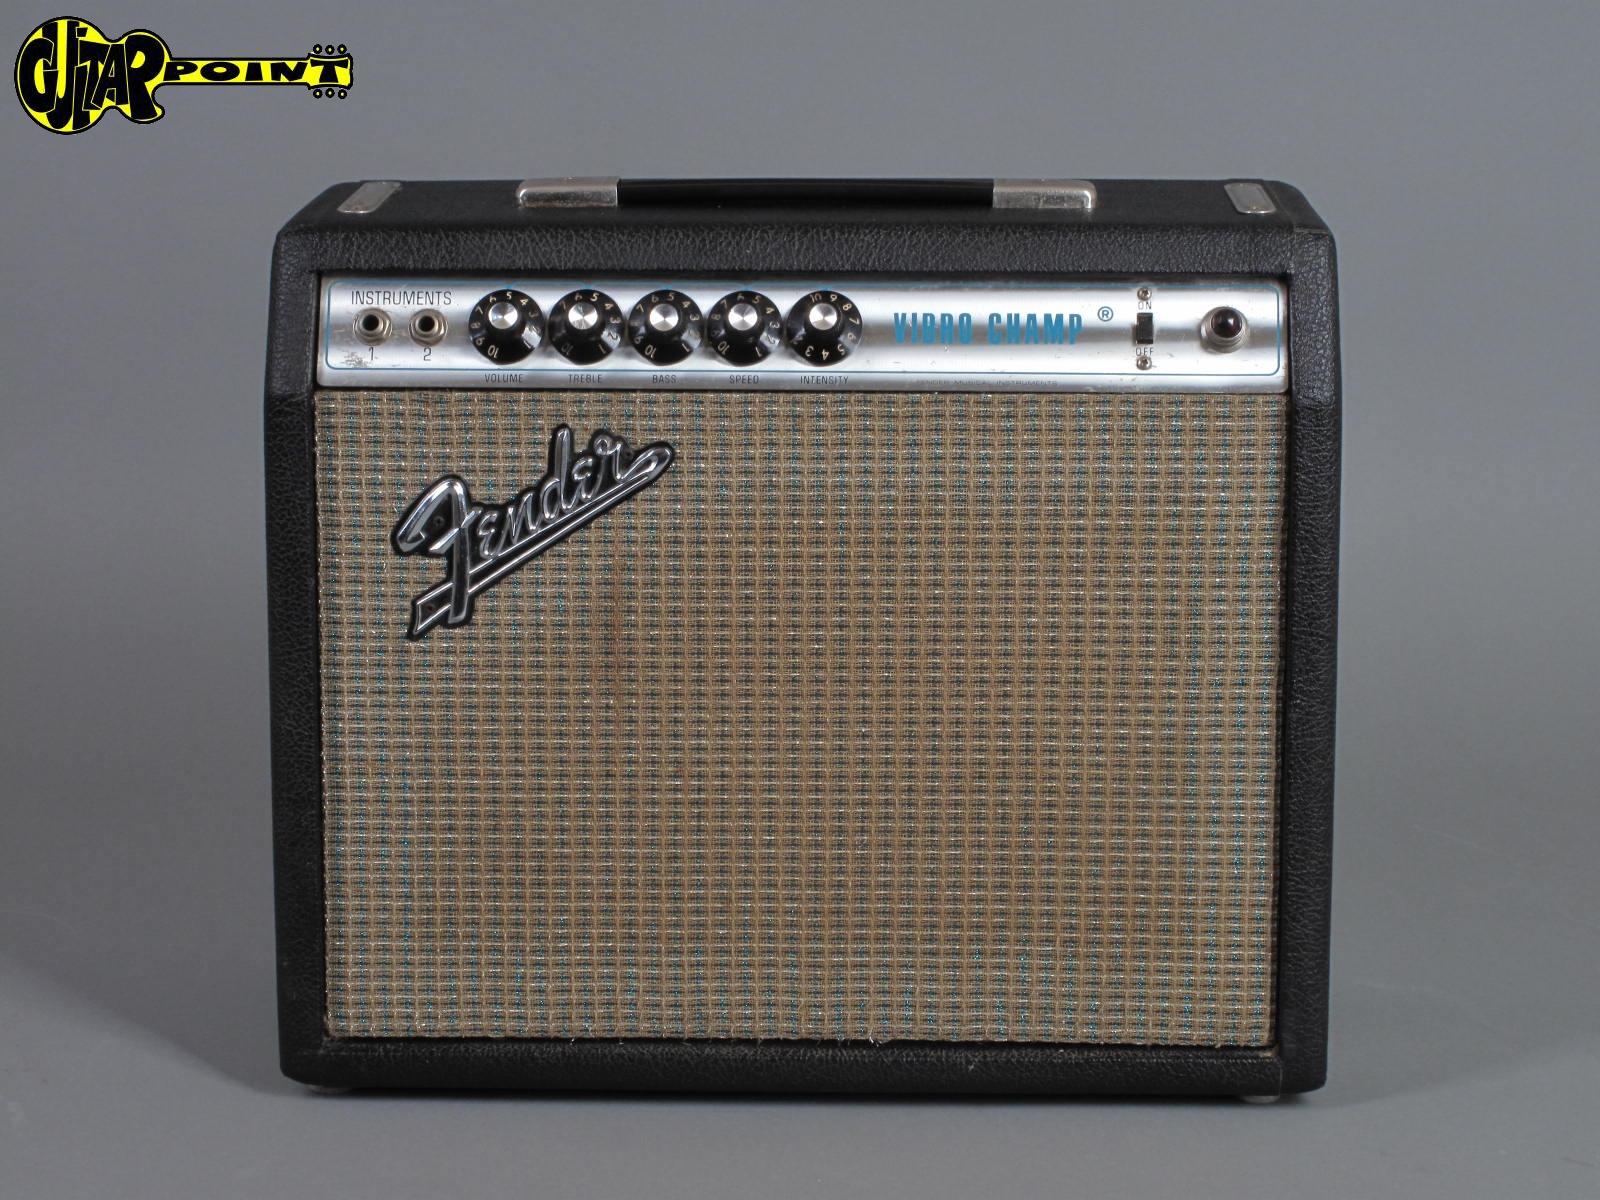 1971 Fender Vibro Champ - Tube-Amp